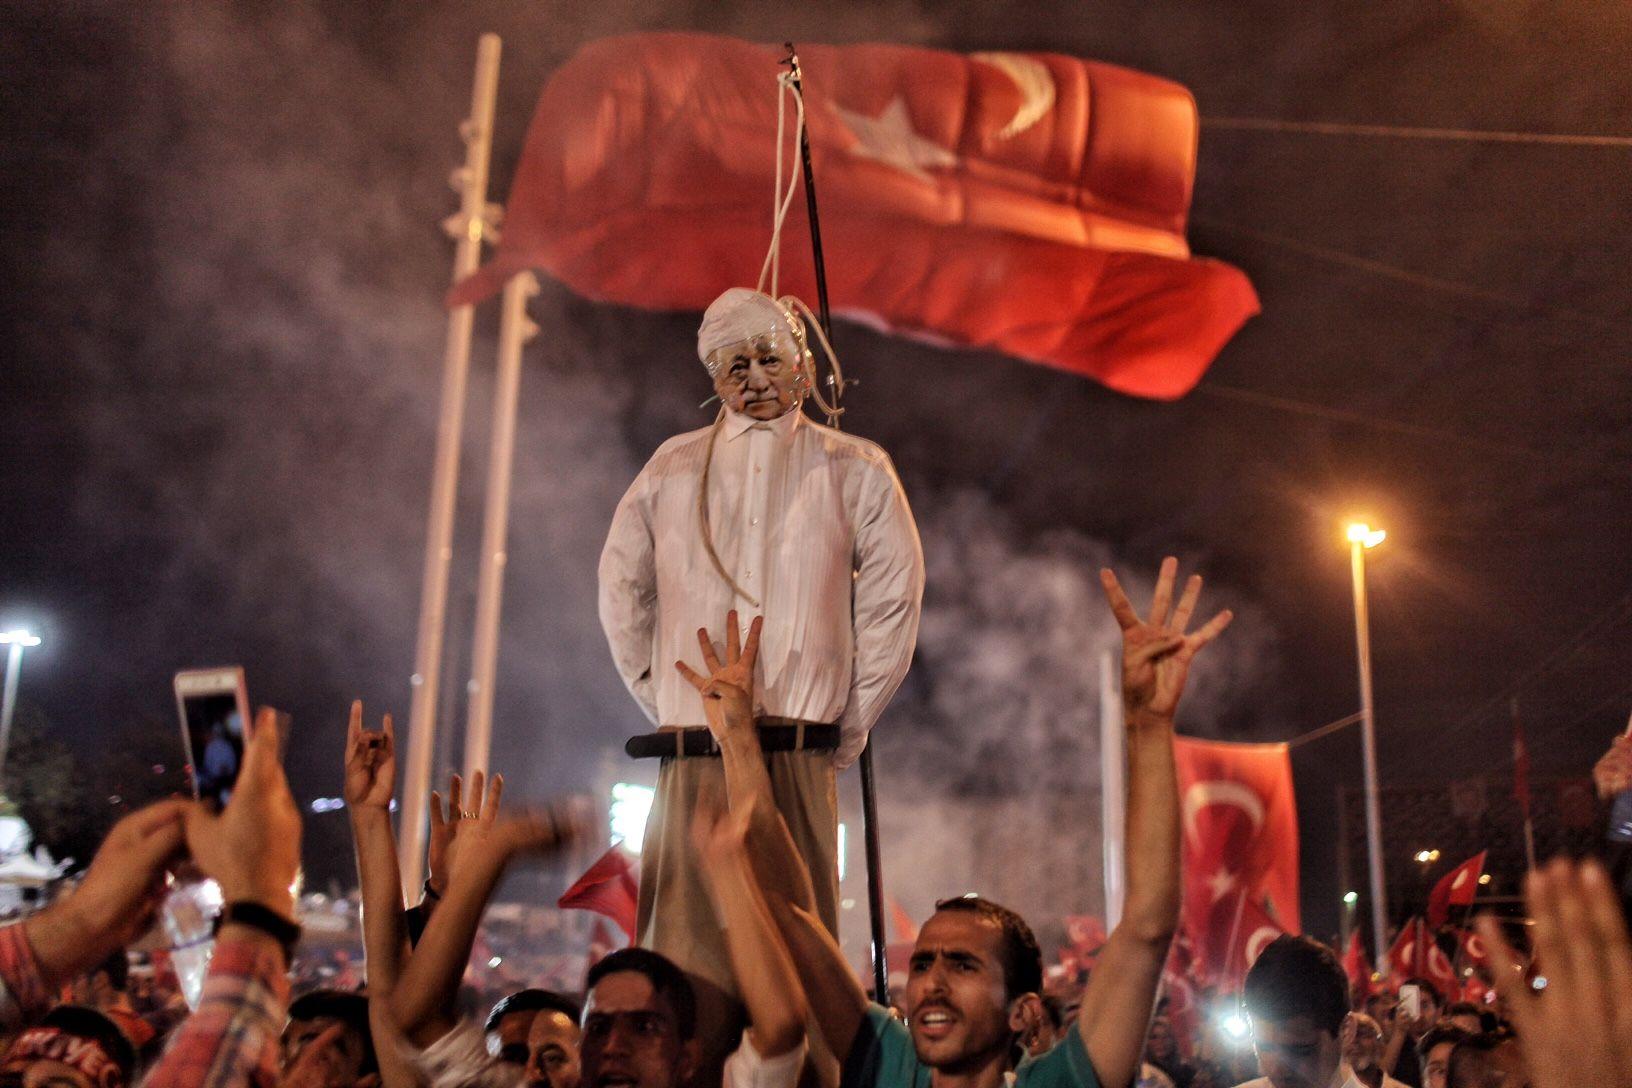 Fethullah Gulen effigy